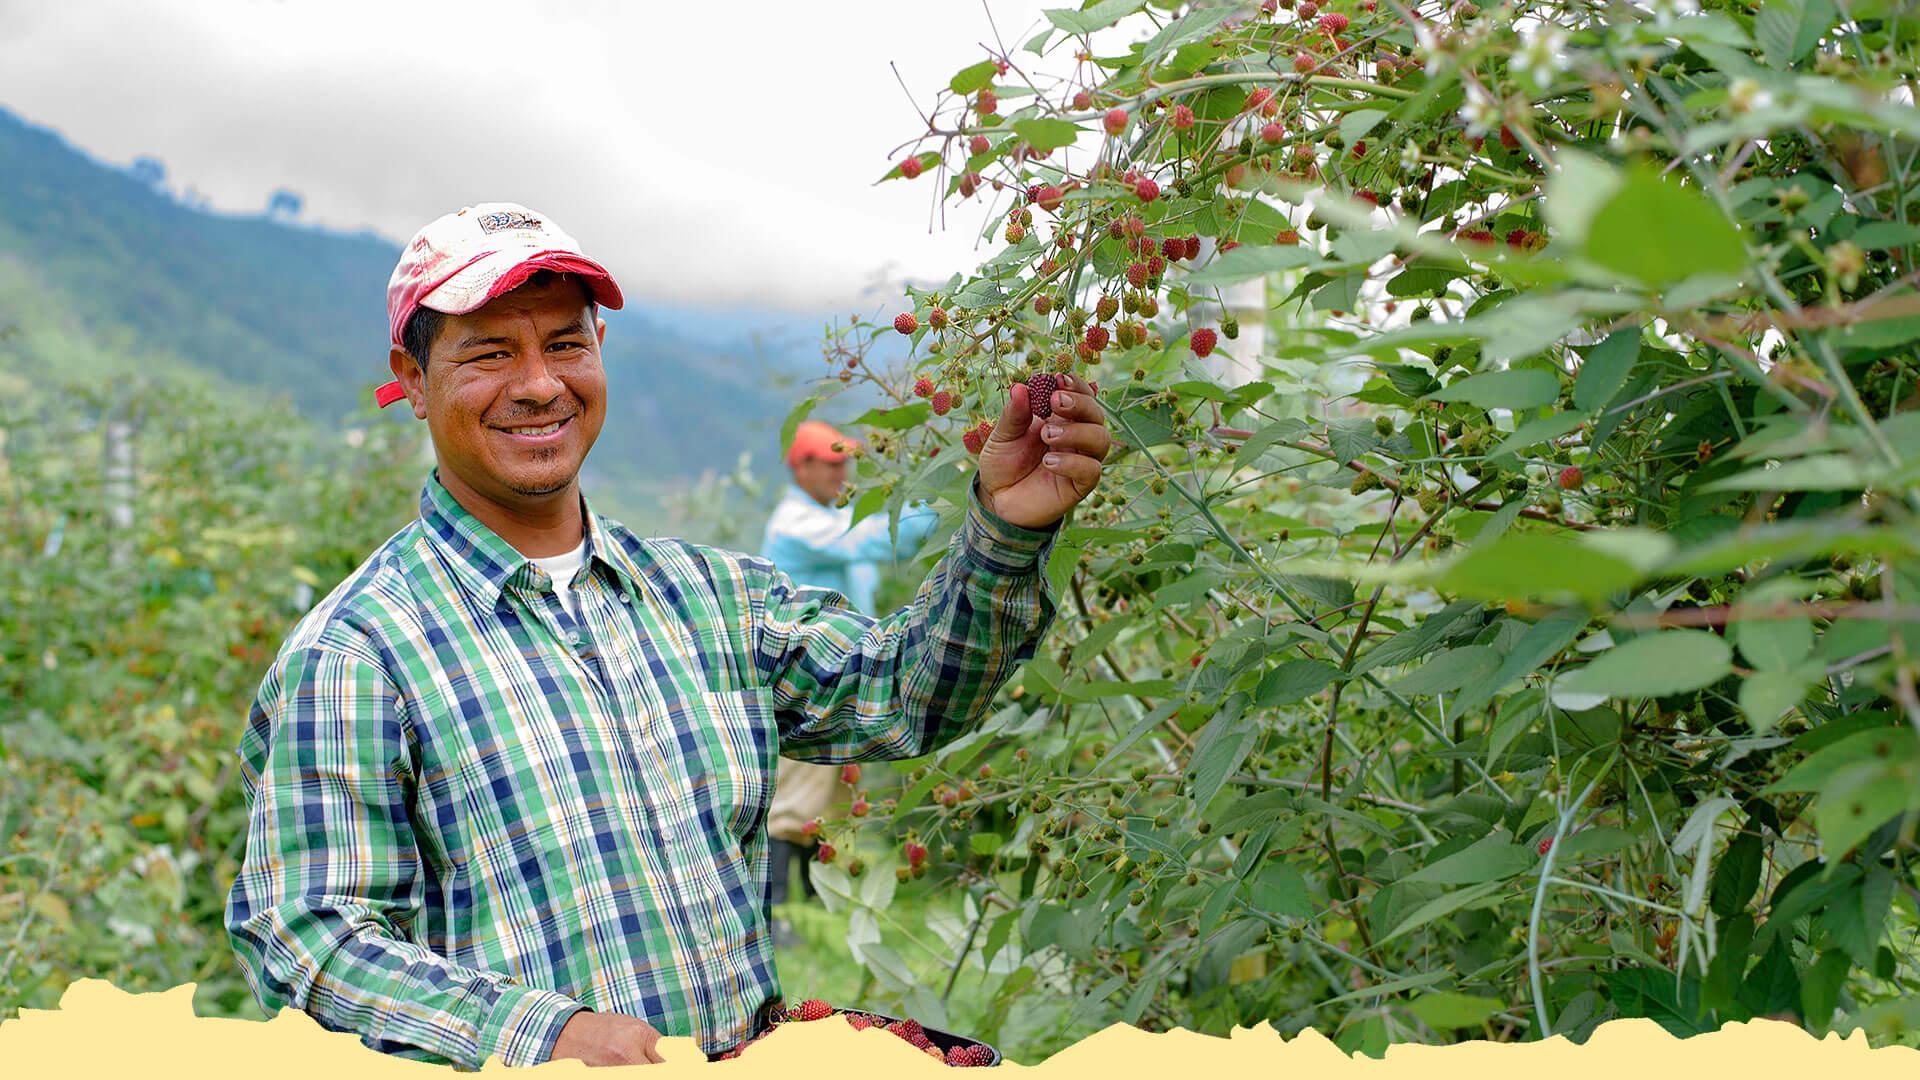 Generación de ingresos y desarrollo base - Fundación Smurfit Kappa Colombia